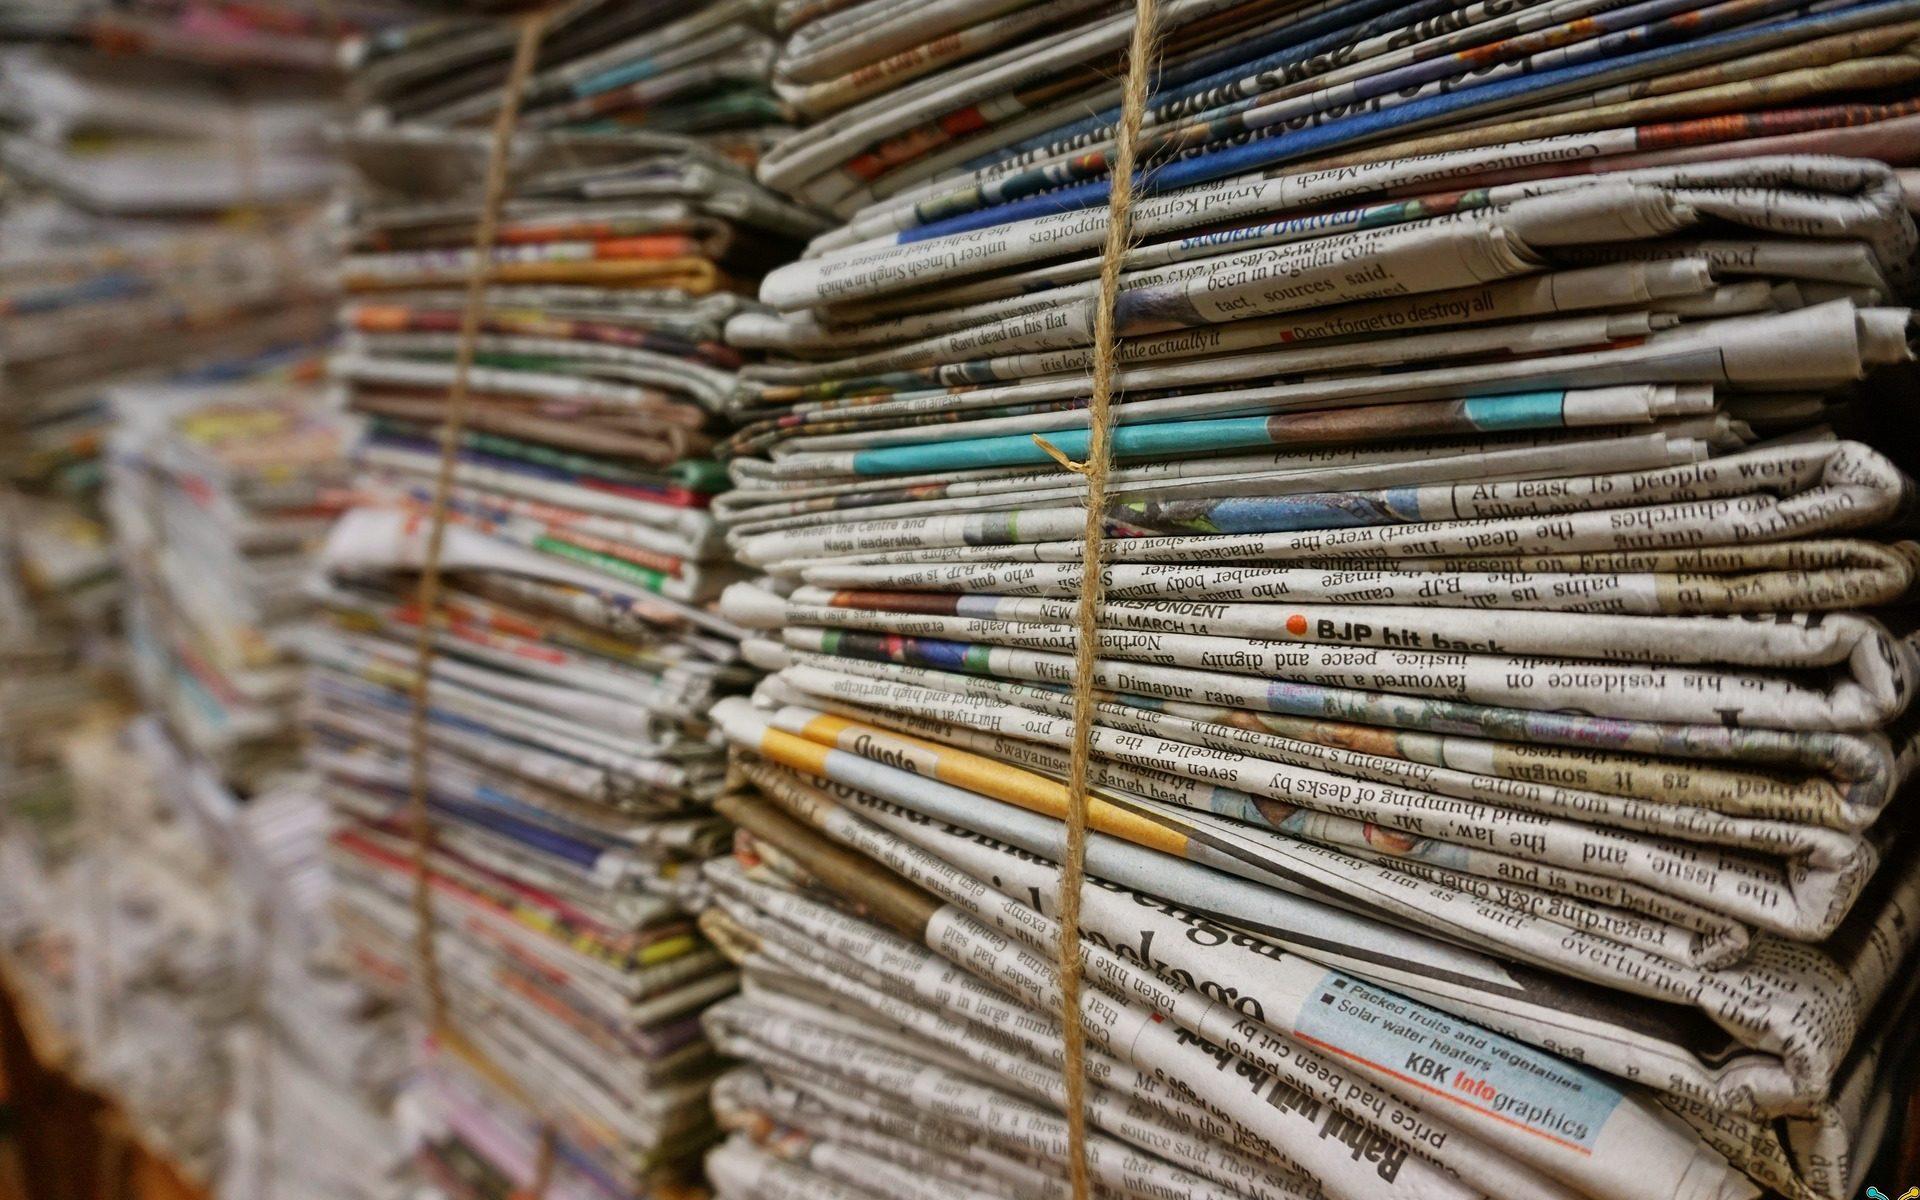 Bild von Zeitungsstapeln